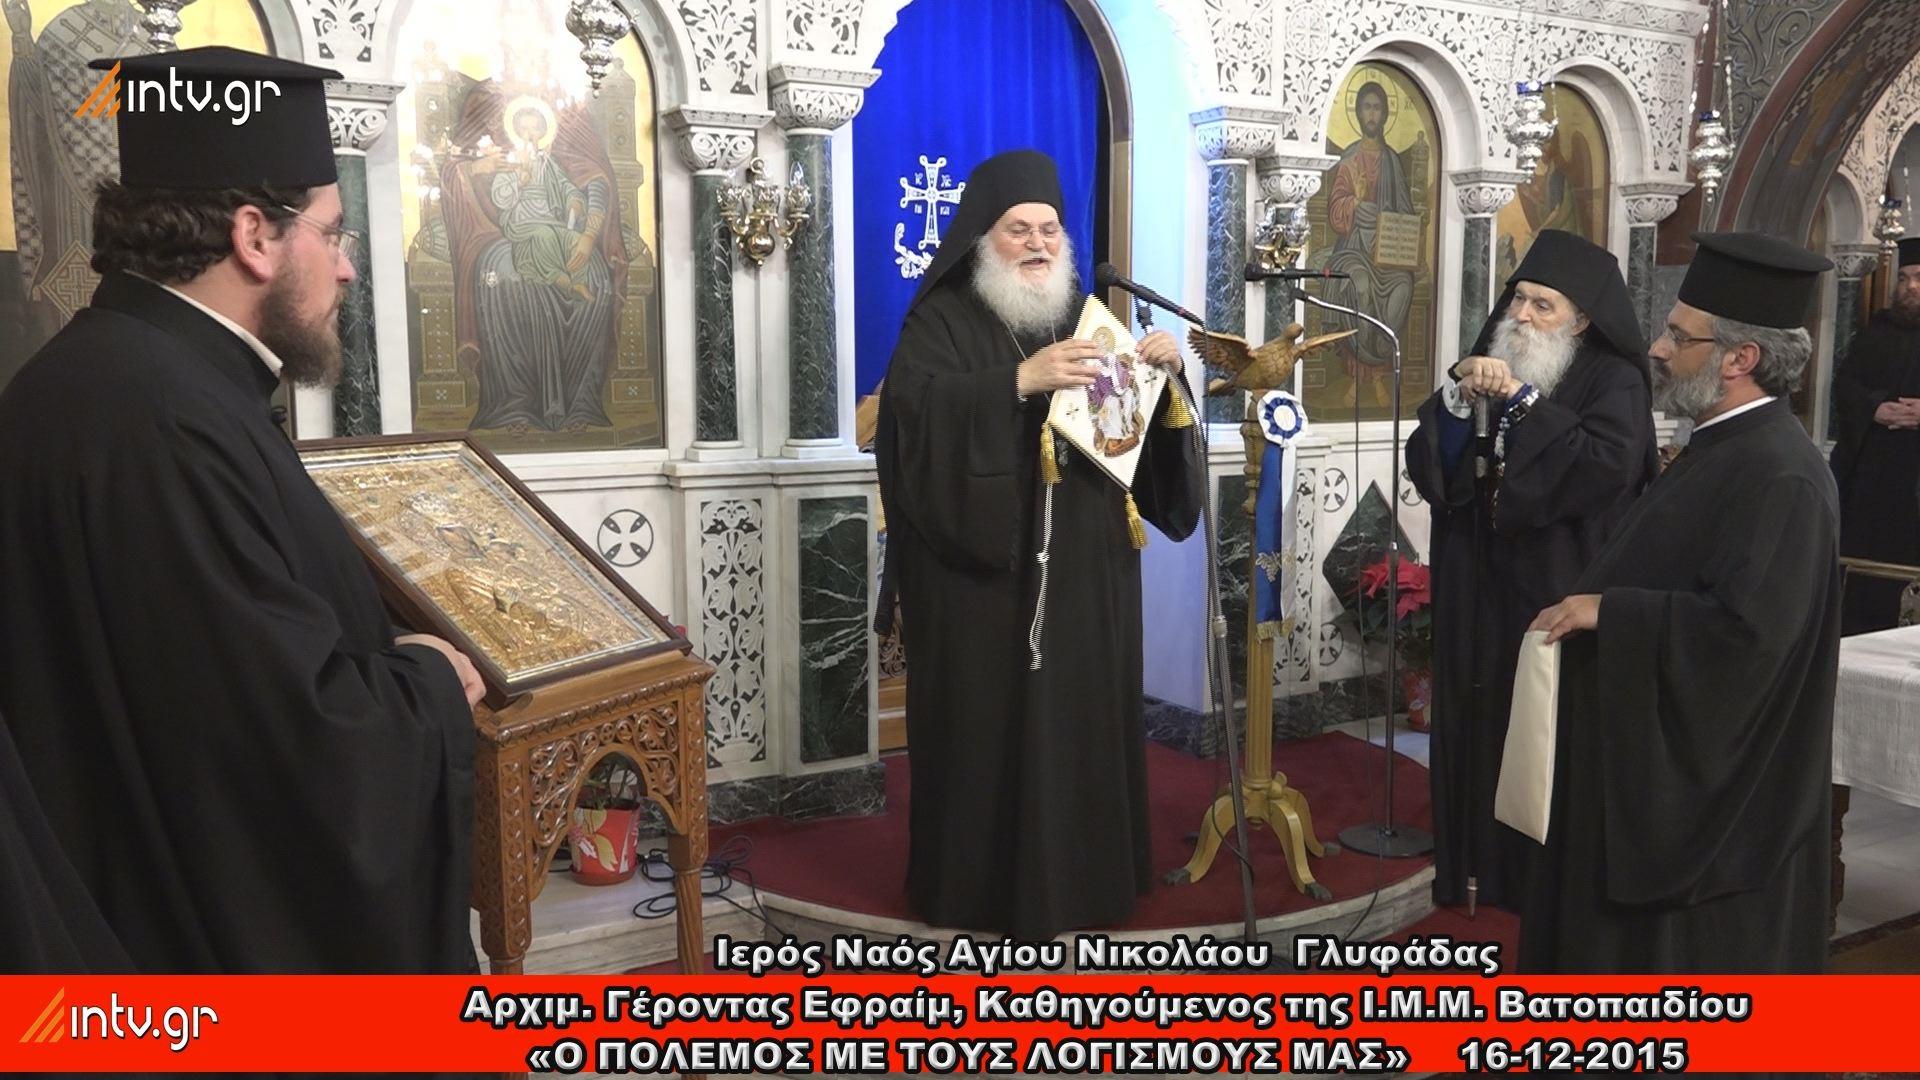 Ι. Ναός Αγίου Νικολάου Γλυφάδας - Ομιλία του Καθηγούμενου της Ιεράς Μεγίστης Μονής Βατοπαιδίου Αγίου Όρους Αρχιμ. Γέροντα Εφραίμ με θέμα: «Ο πόλεμος με τους λογισμούς μας»